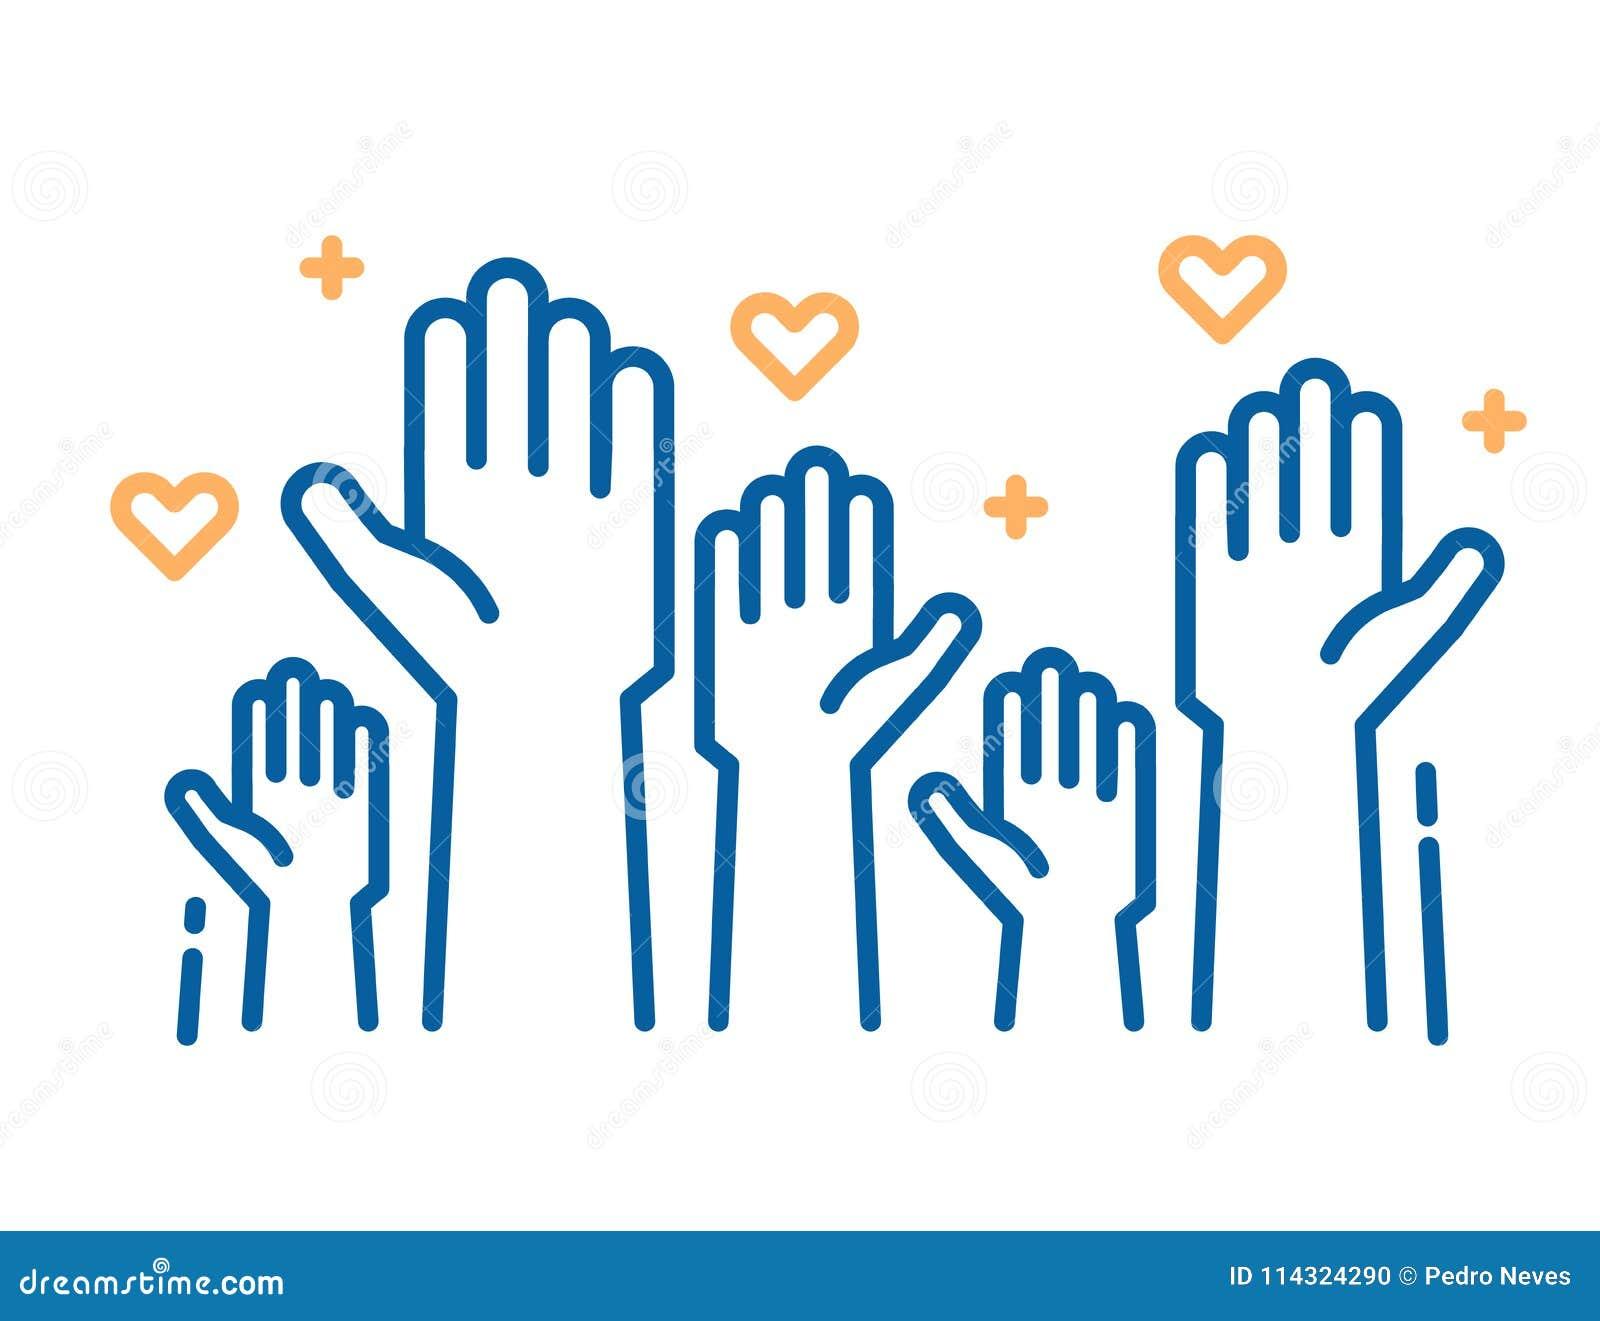 Εθελοντές και εργασία φιλανθρωπίας Αυξημένα χέρια βοηθείας Διανυσματικές λεπτές απεικονίσεις εικονιδίων γραμμών με ένα πλήθος των